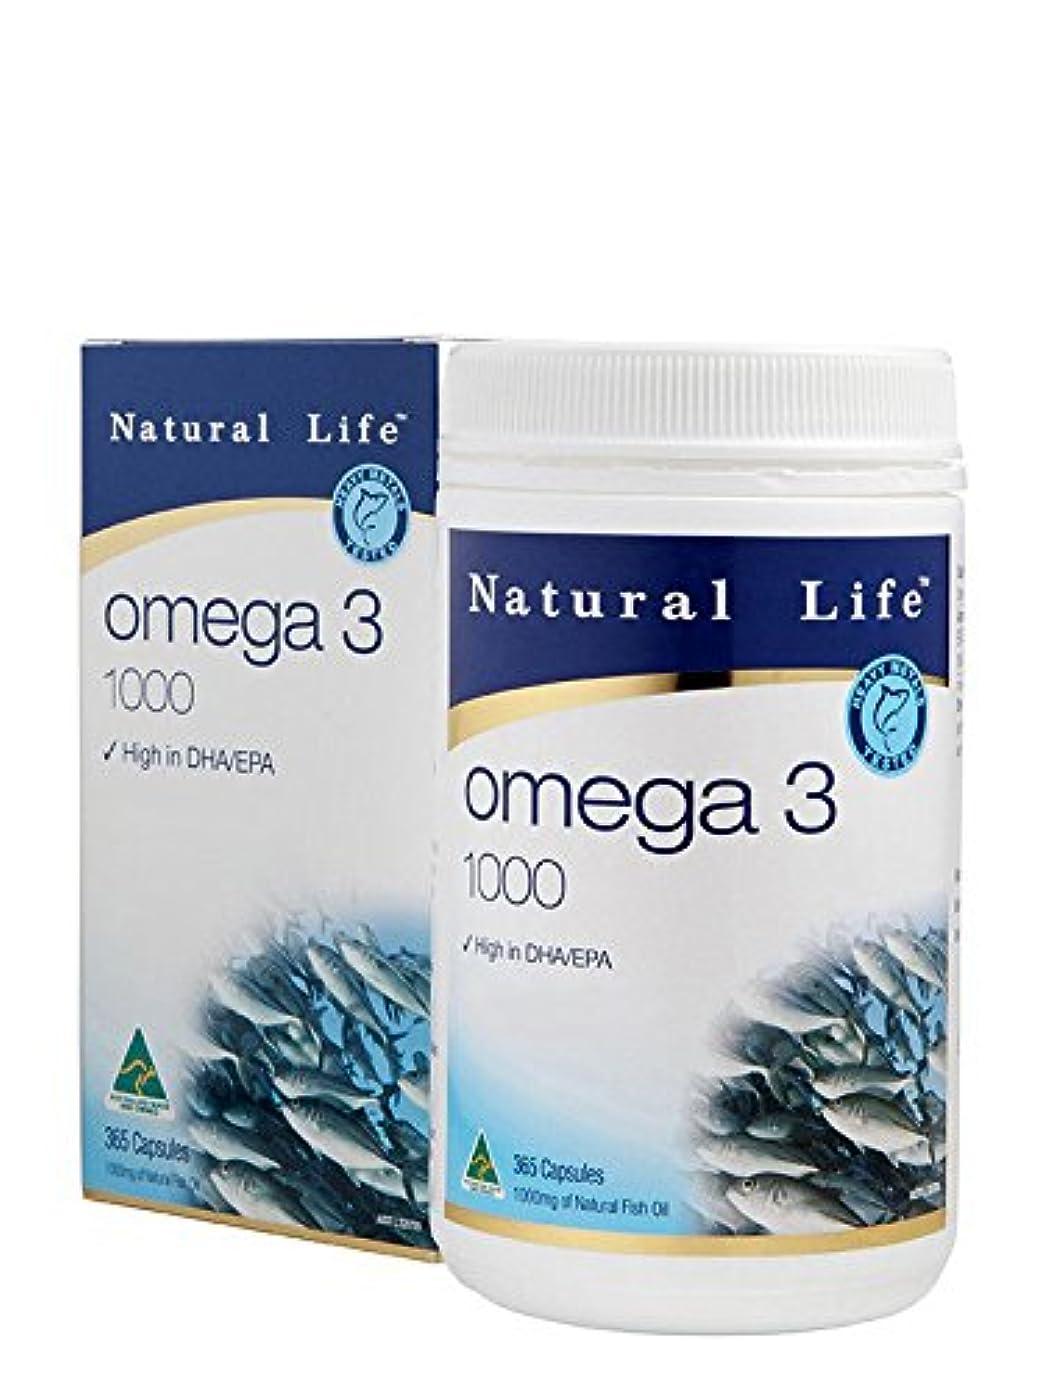 何十人もきしむ慢なオメガ3 1000mg 大容量365粒 国内正規品 EPA180mg+DHA120mg ナチュラルライフ